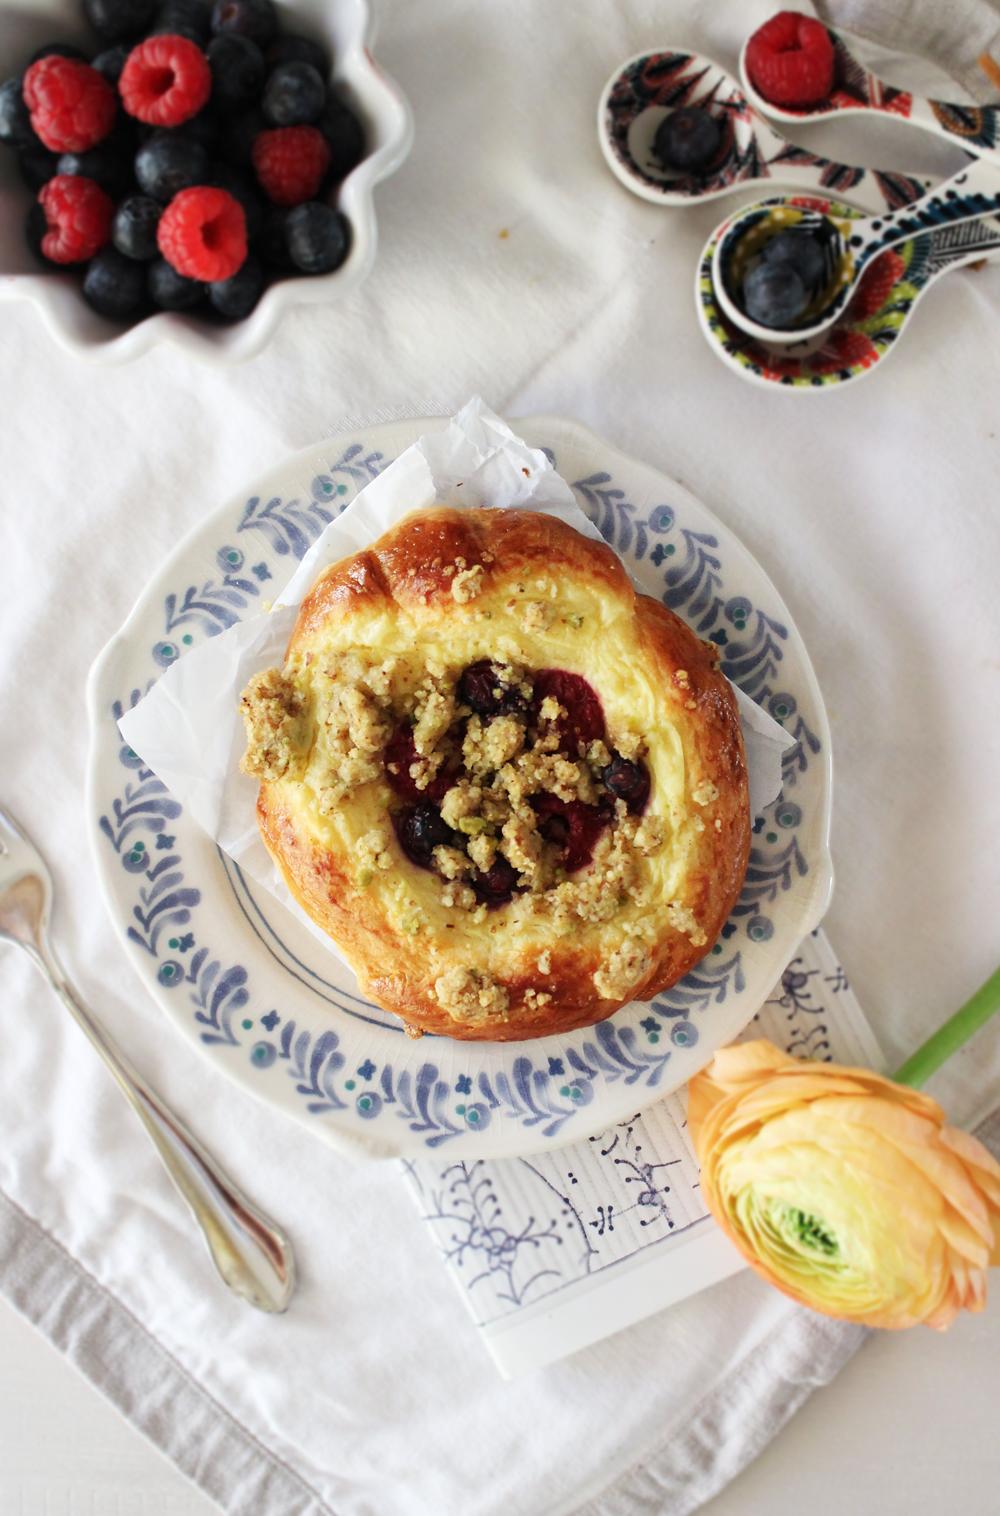 Rezept für Brioche Puddingteilchen mit Beeren und Streuseln